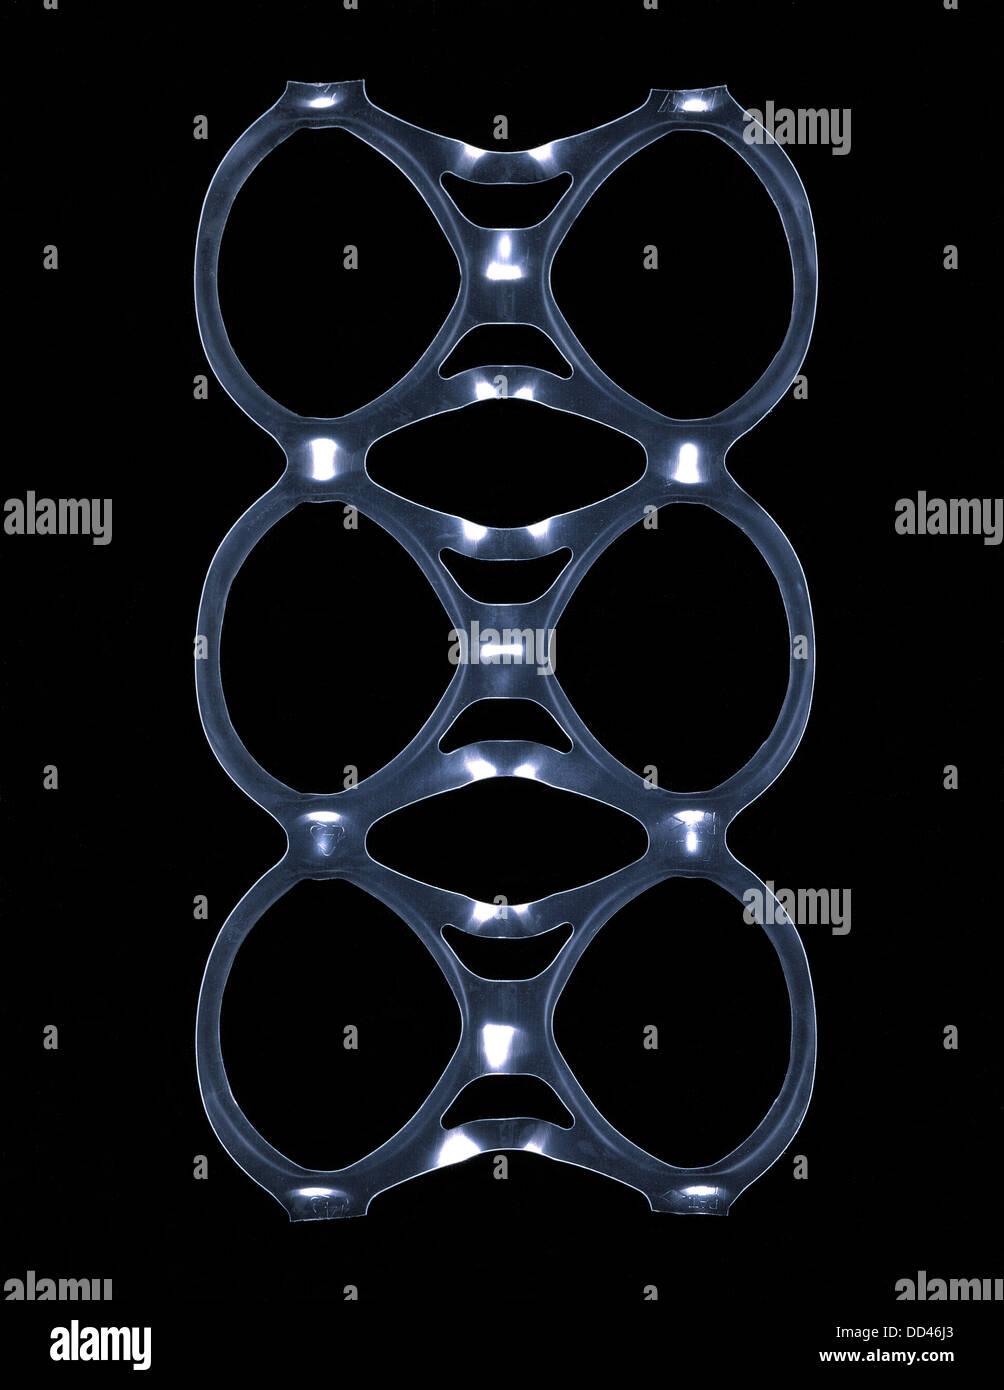 Anelli di plastica che trattengono i contenitori. Chiamato generalmente una confezione da sei anello. Immagini Stock